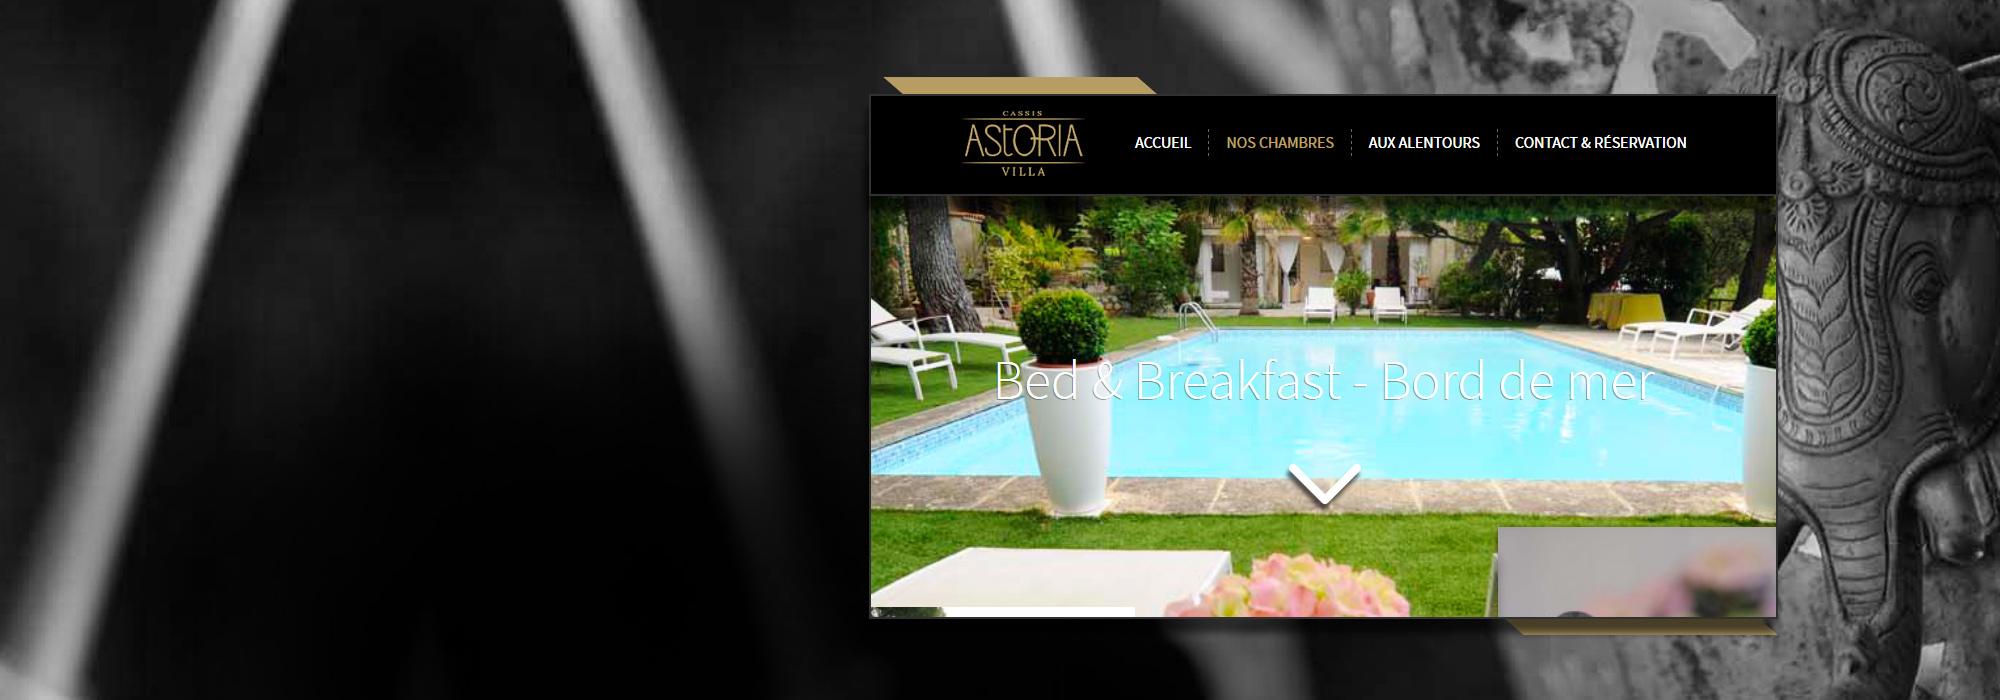 Chambre d 39 h tes avec piscine avec vue sur mer sur cassis astoria villa jalis - Villa cassis chambre d hote ...